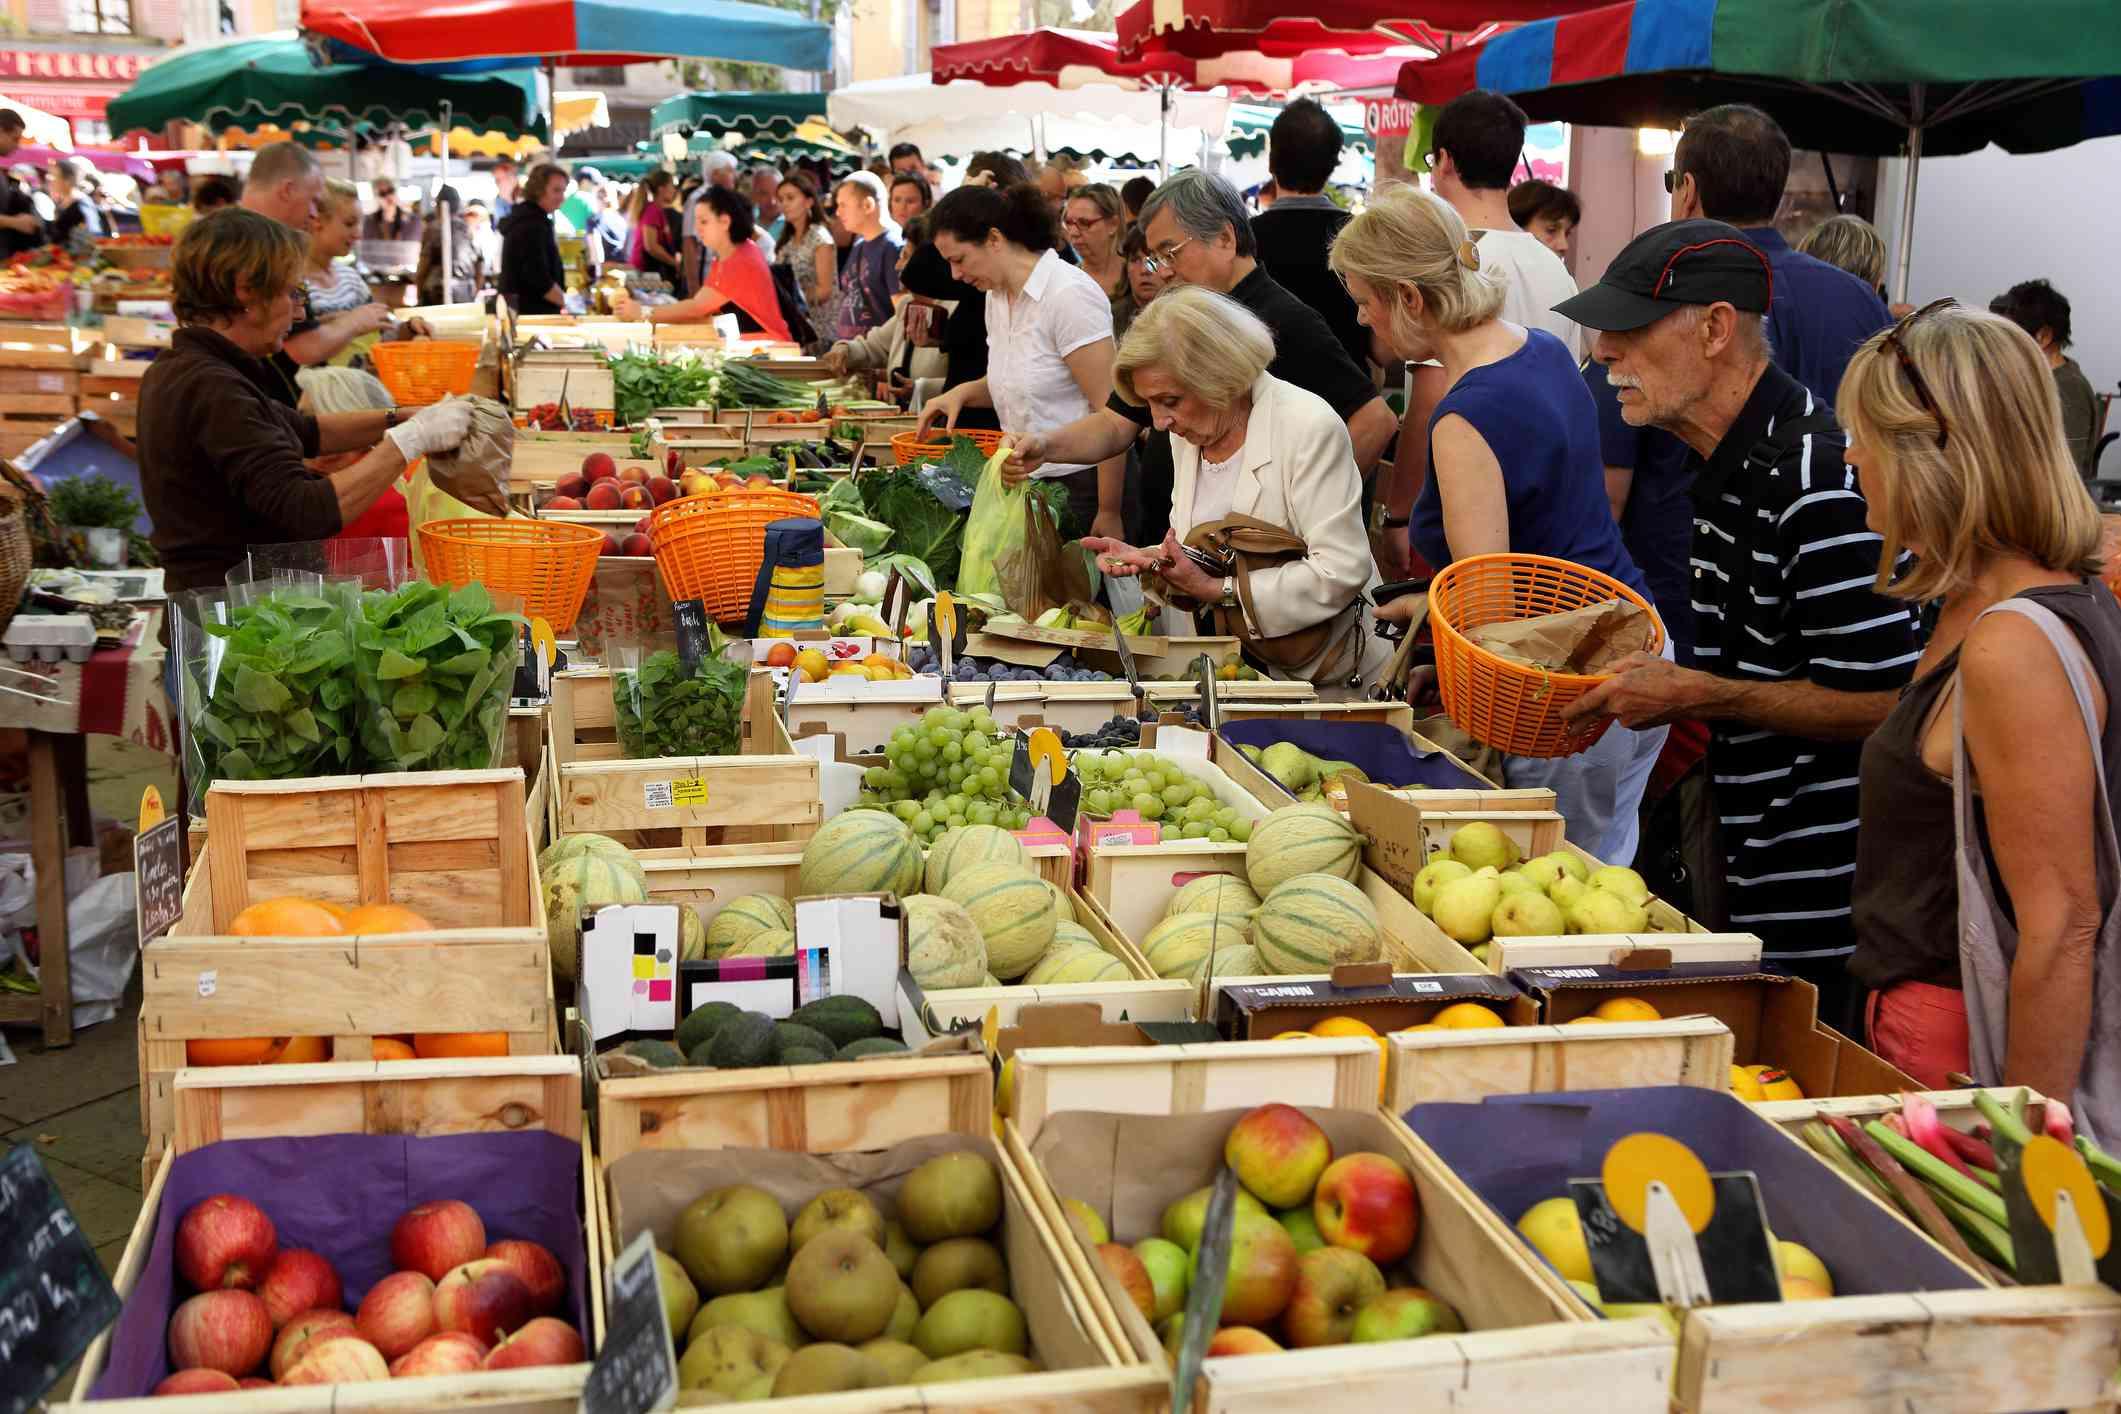 Saturday market, Place Richelme, Aix-en-Provence